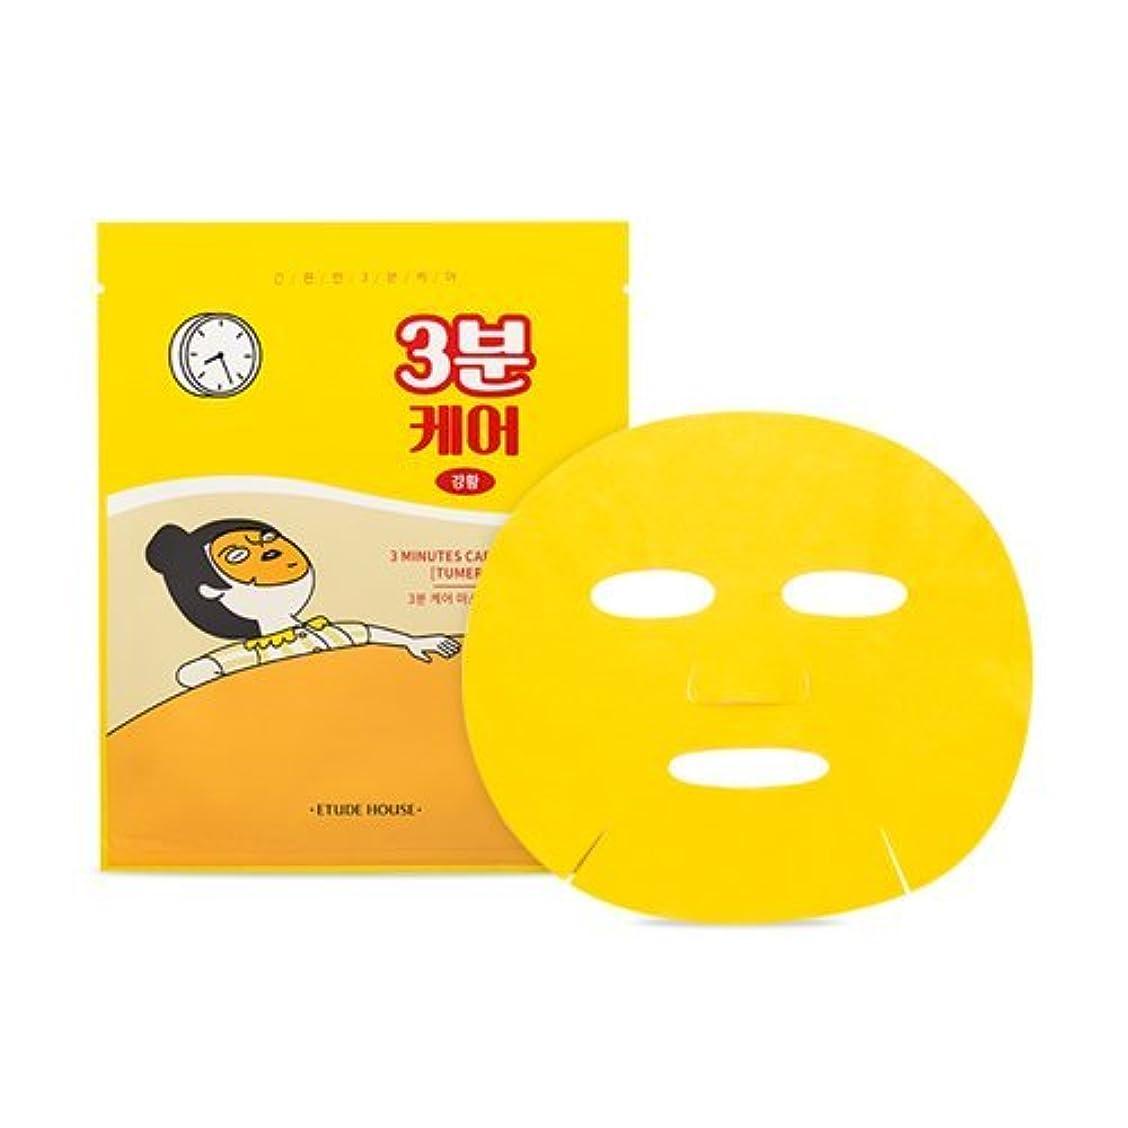 宿泊施設出血補体エチュードハウス 3分ケア マスク[ ウコン ] 5枚/ETUDE HOUSE 3 Minutes Care Mask [TUMERIC] 23g*5EA